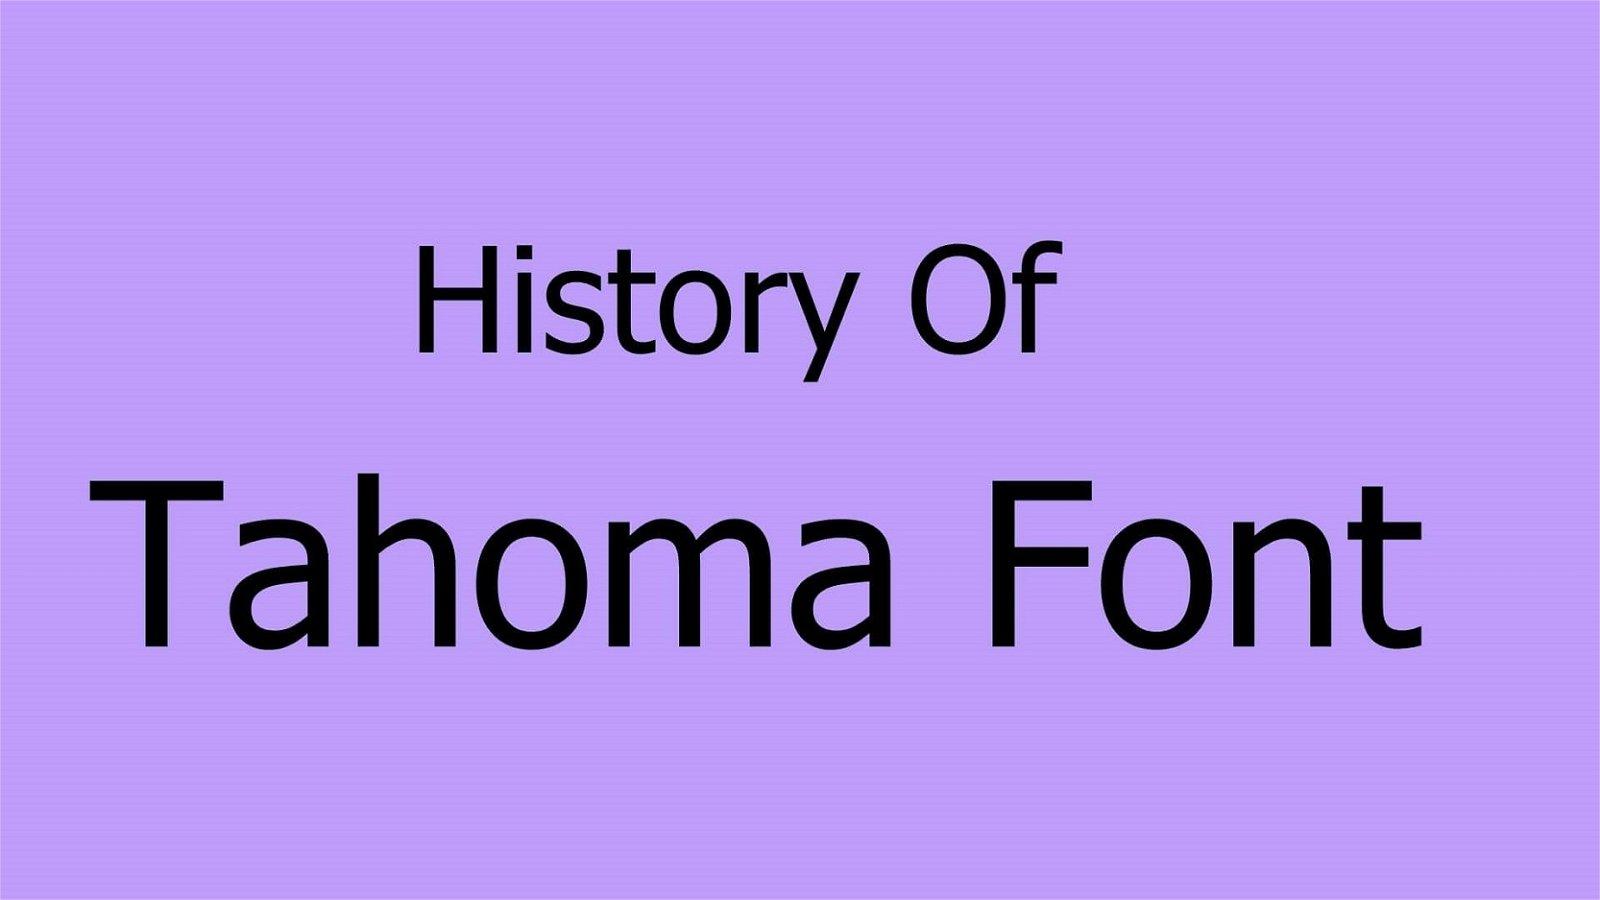 History of Tahoma Font